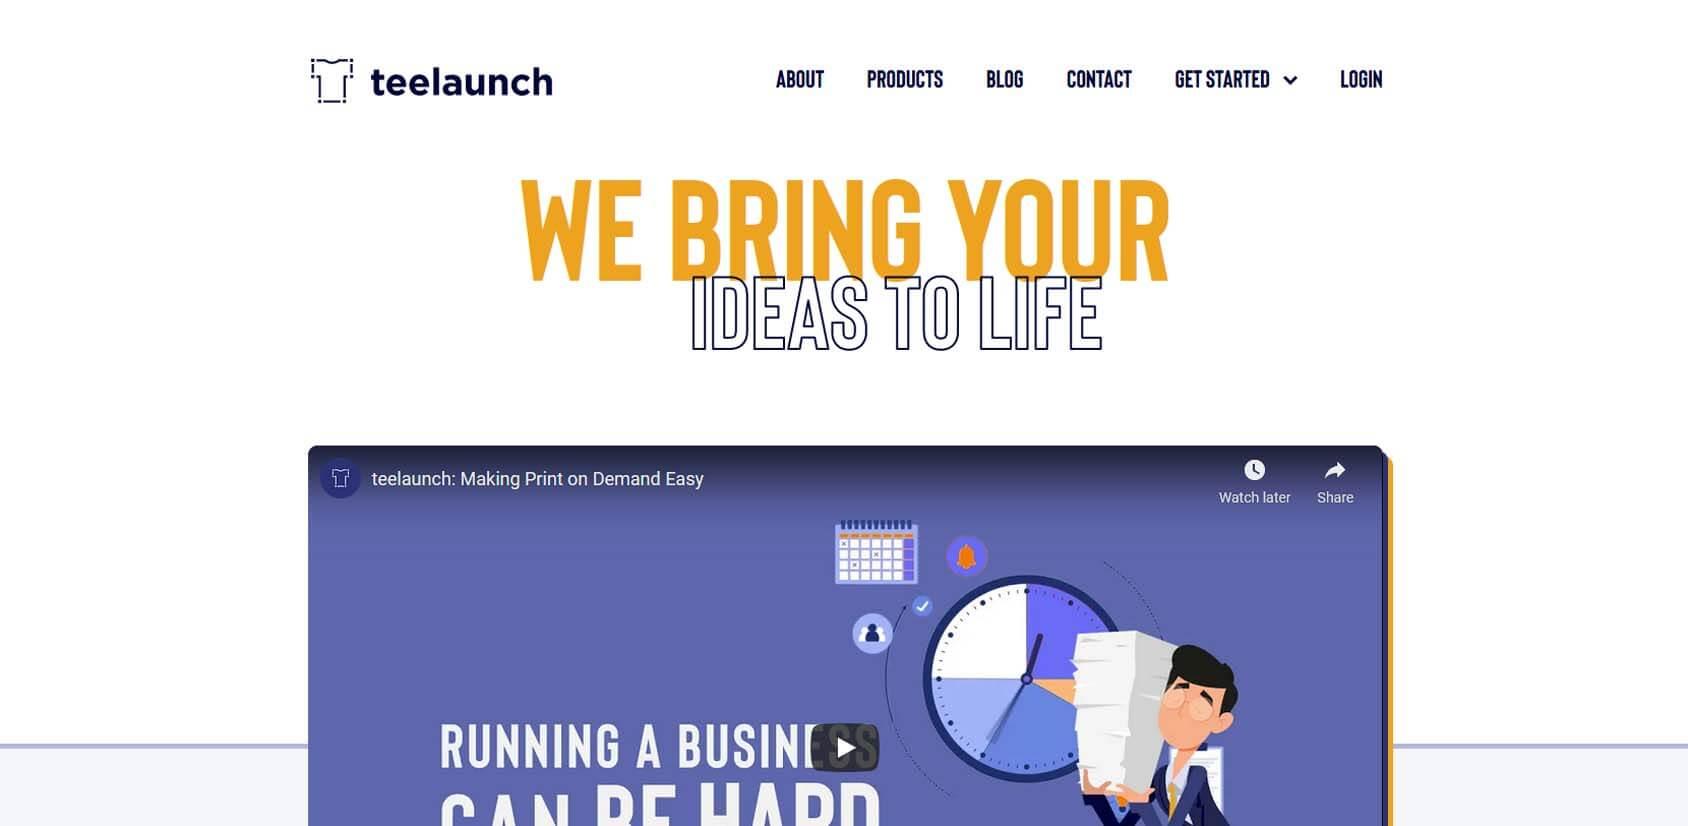 Teelaunch Homepage